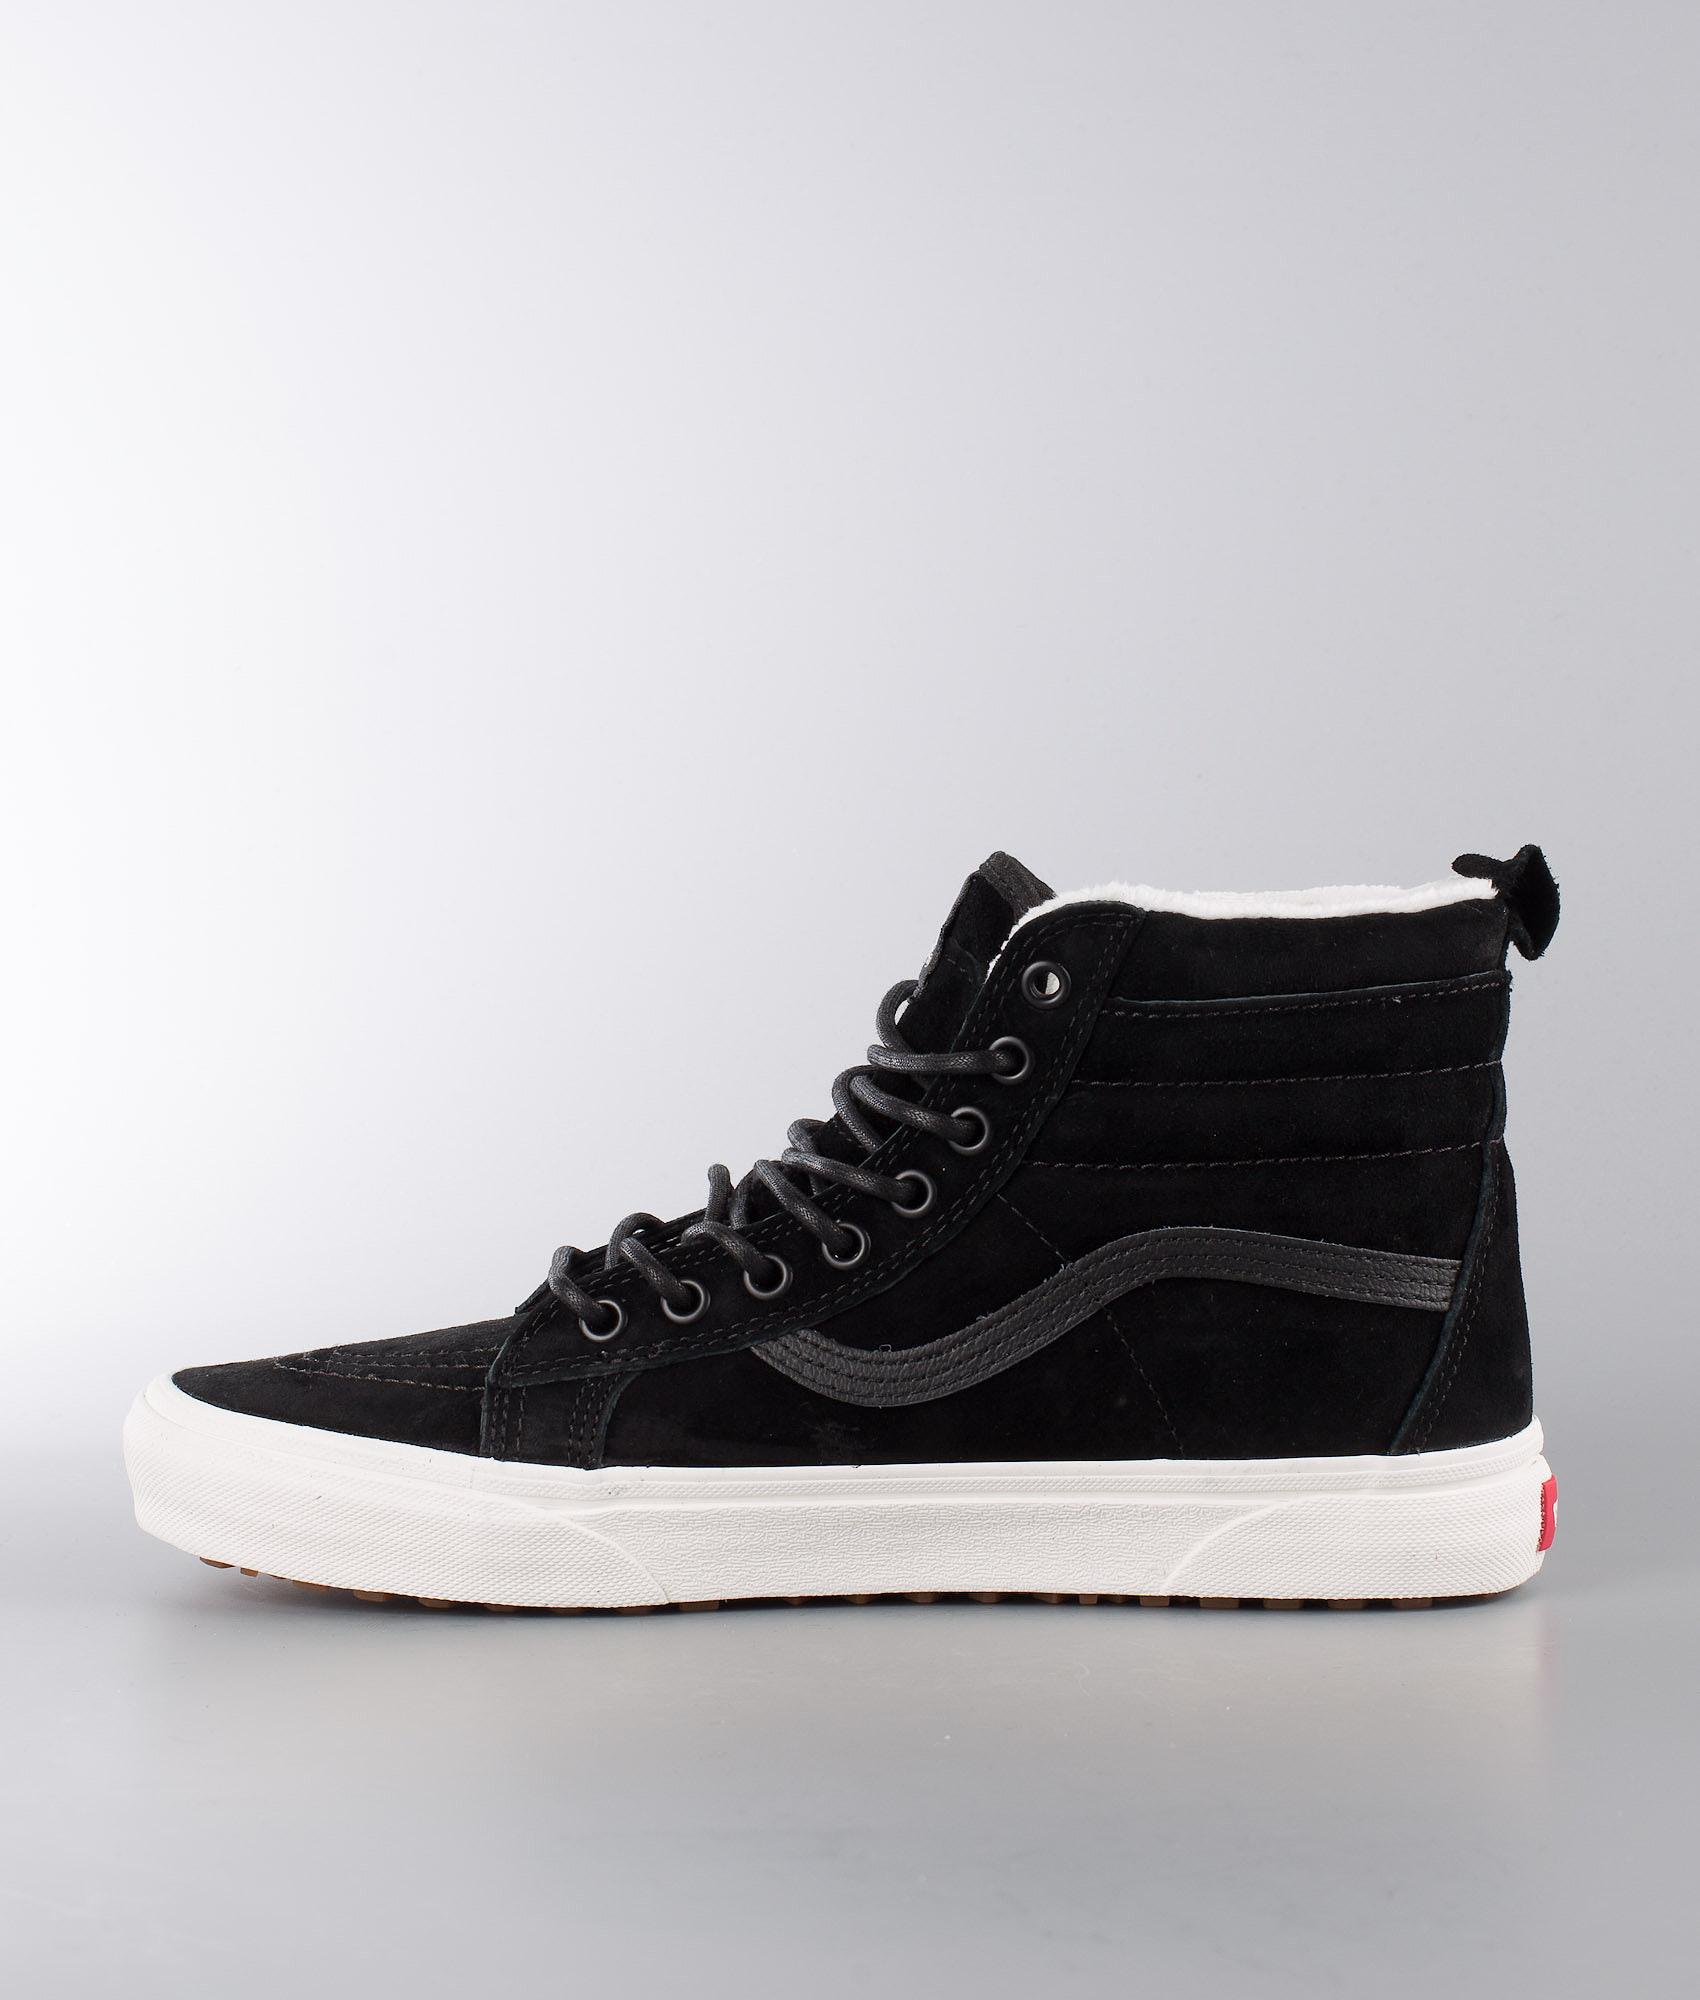 b443f8cef7d4 Vans Sk8-Hi Mte Shoes (Mte) Black Black Marshmallow - Ridestore.com